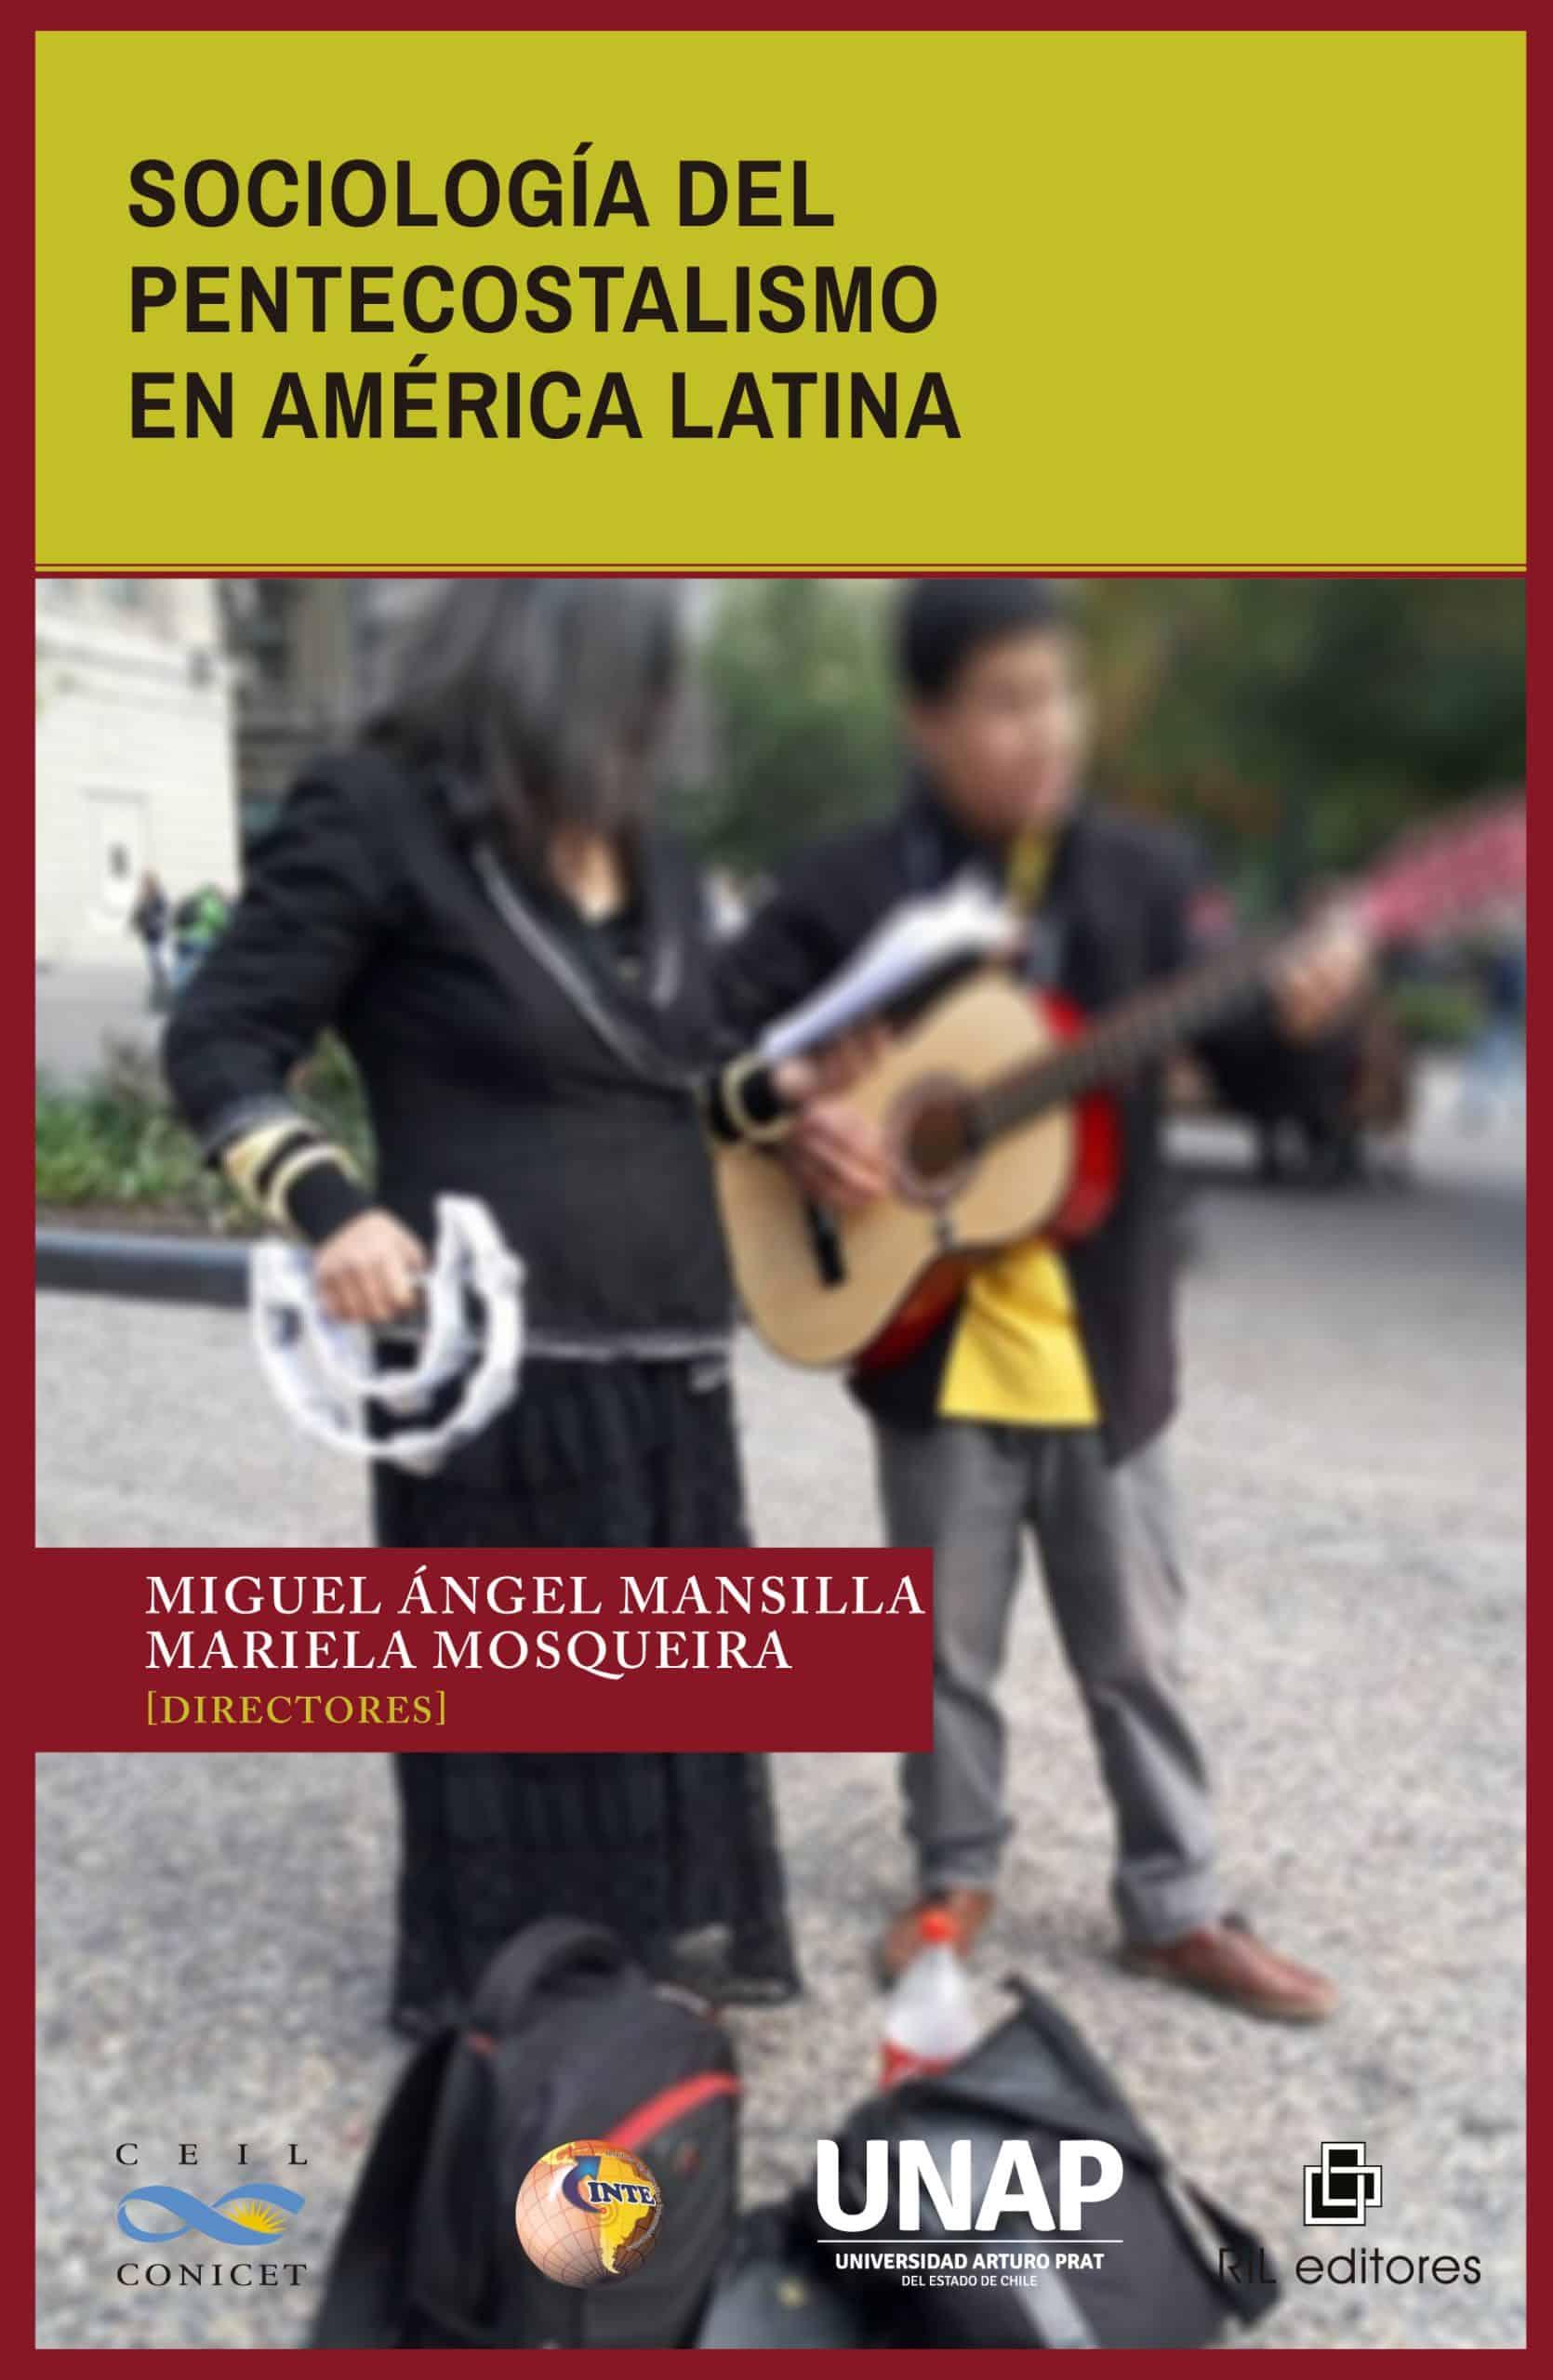 Sociología del pentecostalismo en América Latina 1